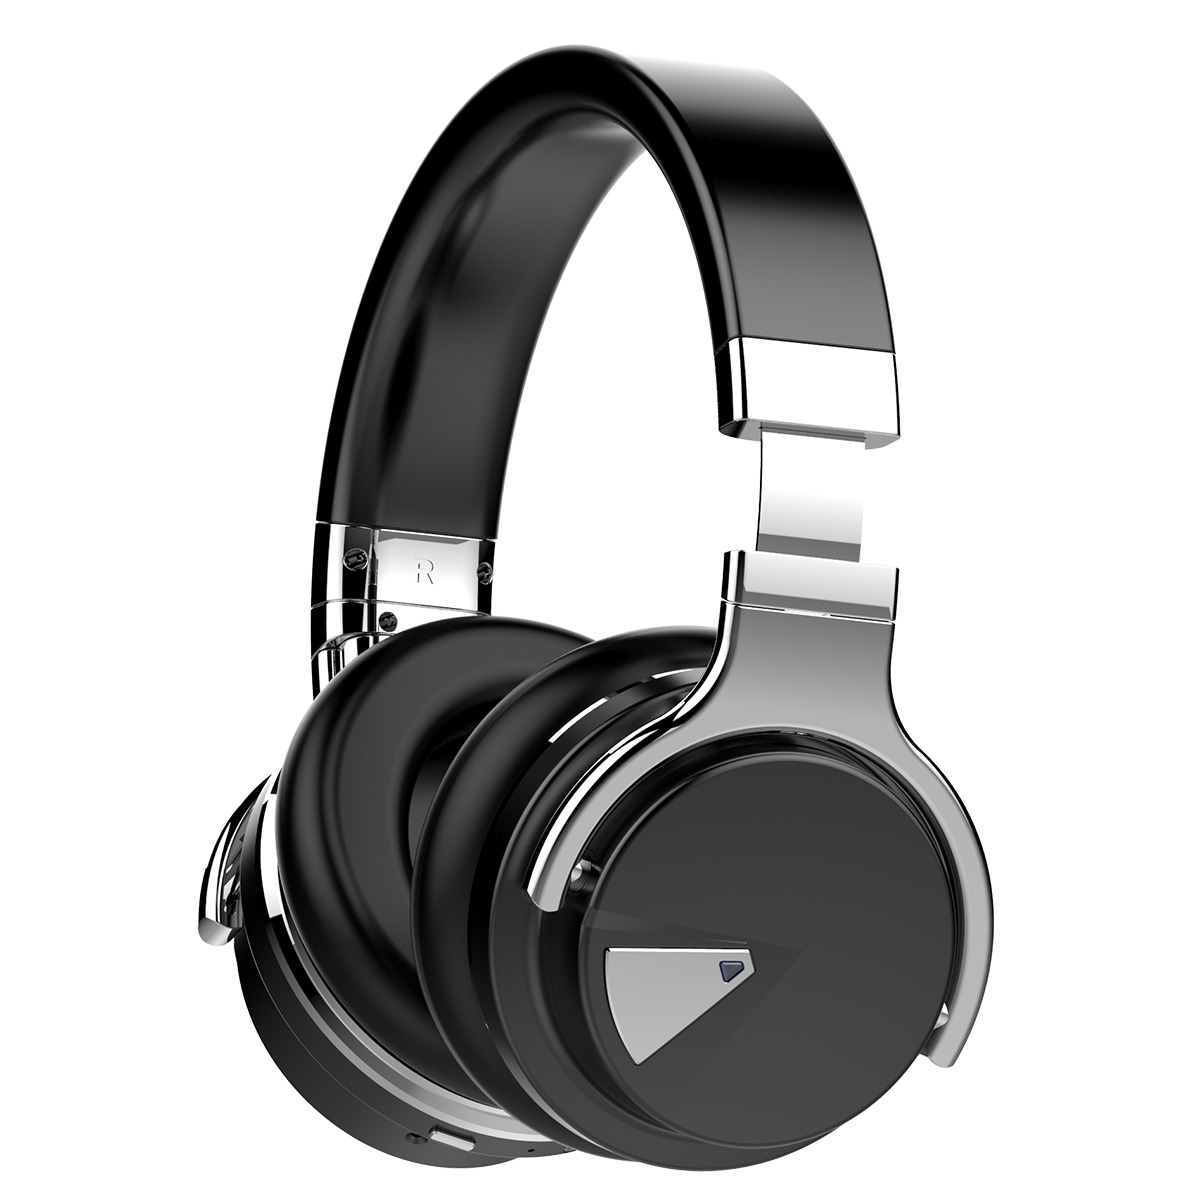 aacc5127638 Orijinal Cowin E7 ANC bluetooth Kulaklık kablosuz bluetooth kulaklık  Kulaklık Telefonlar için Aktif Gürültü önleyici kulaklık